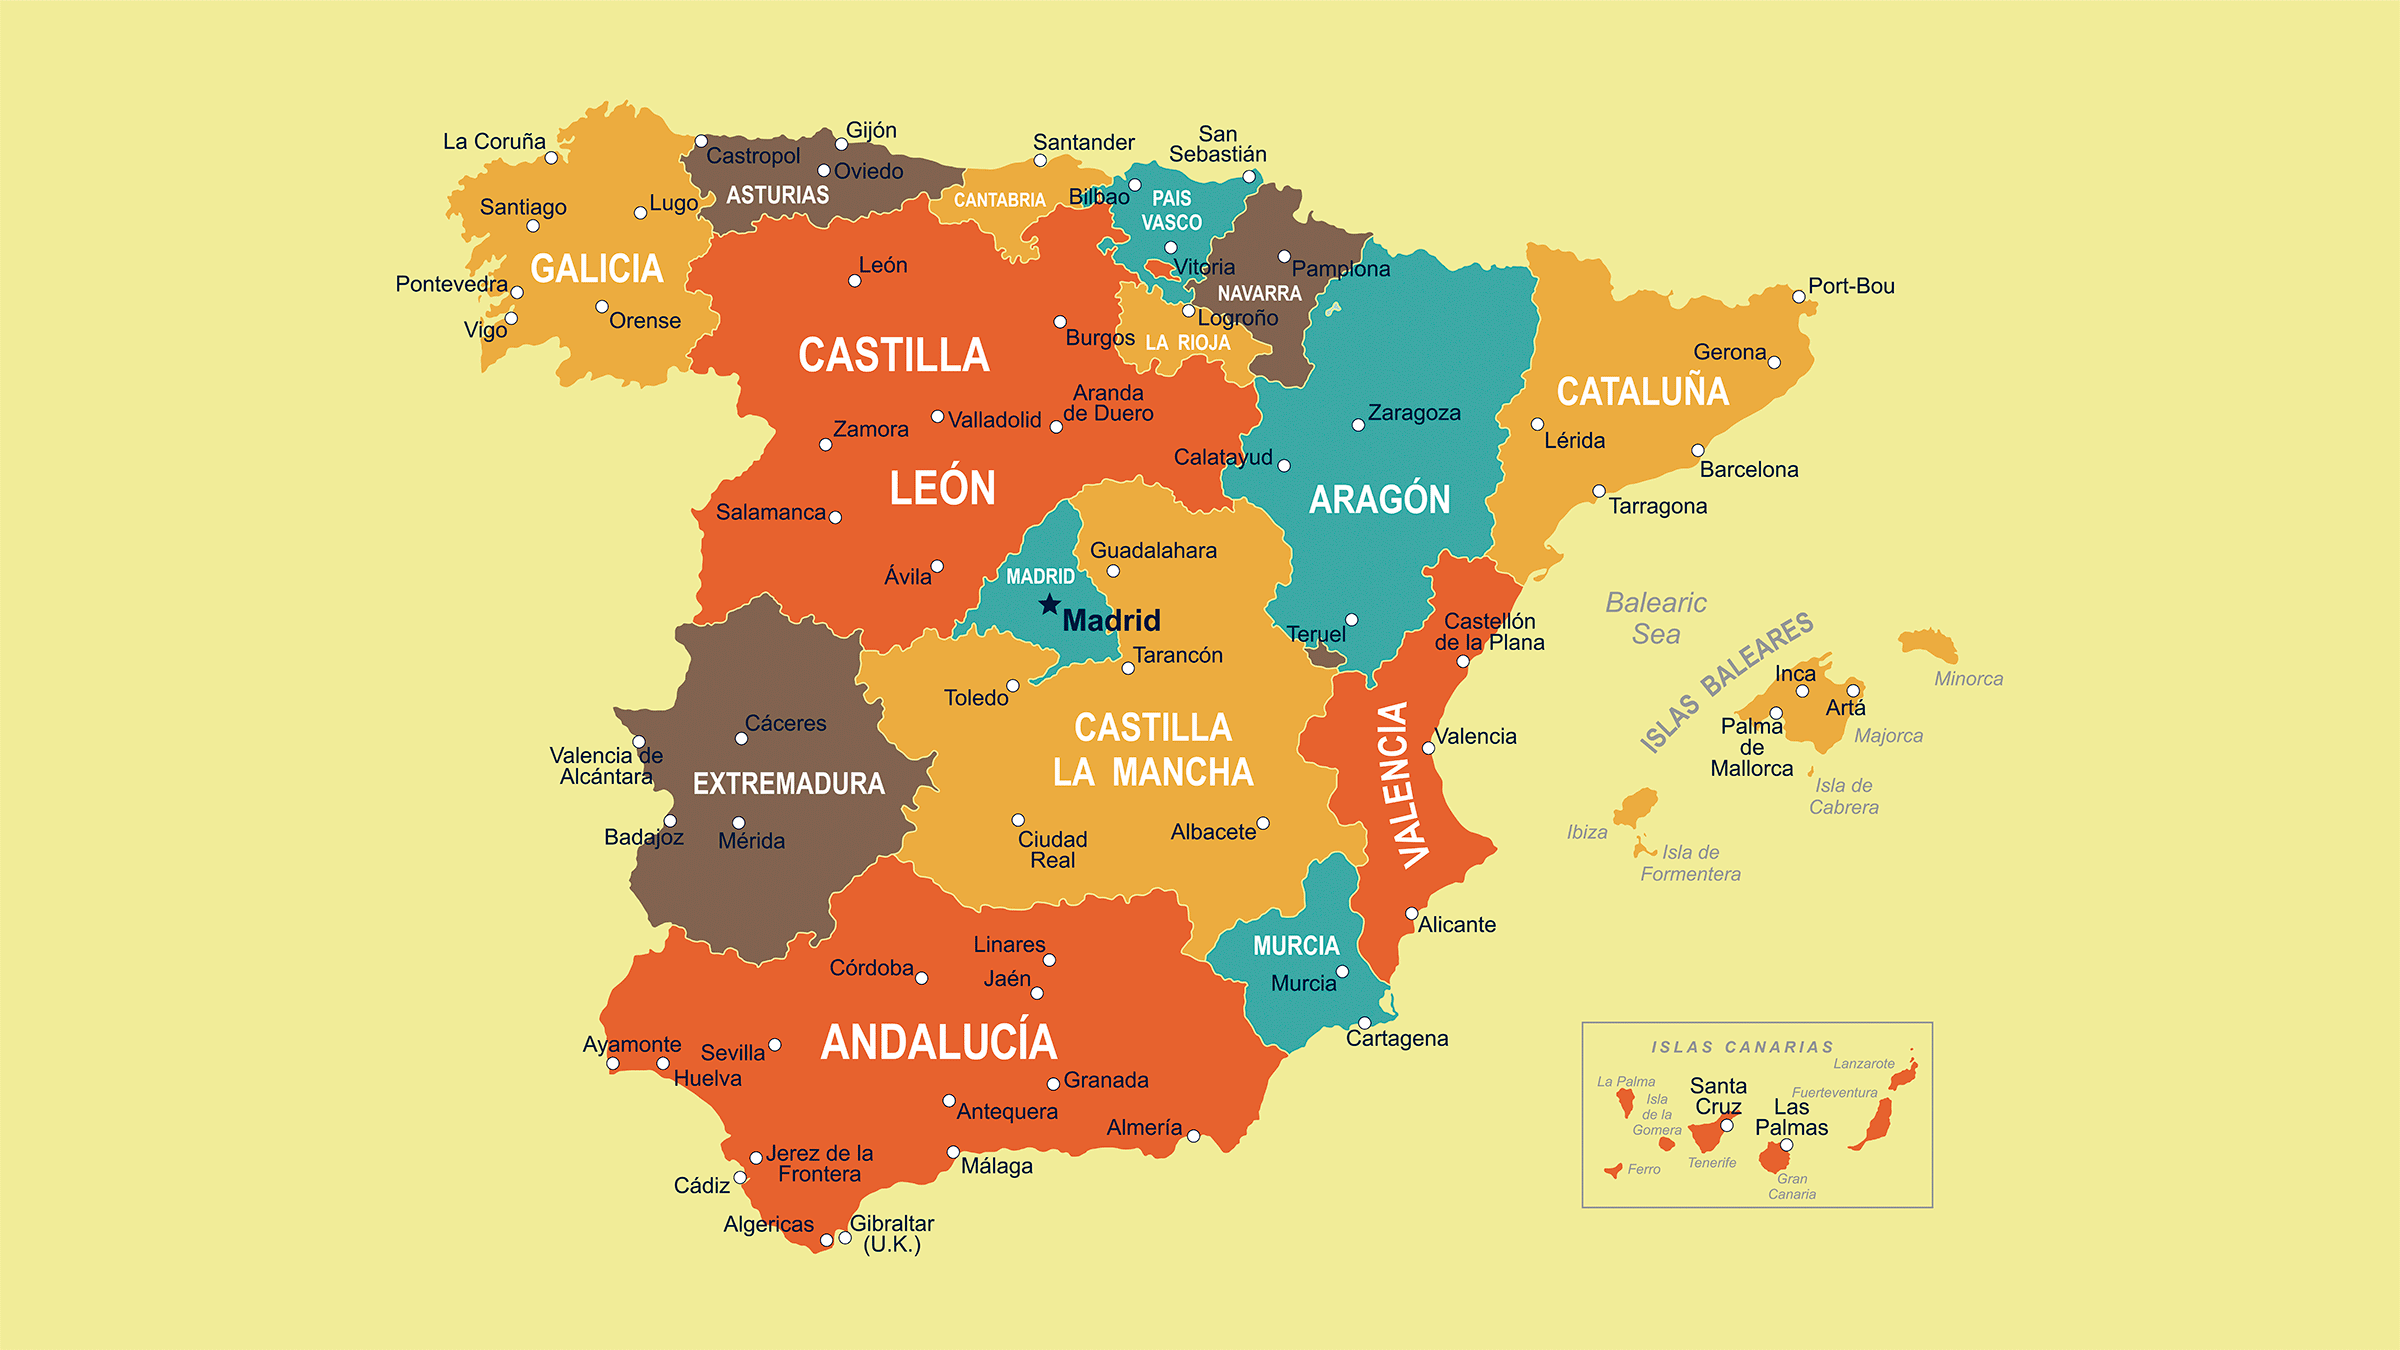 Mapa Comunidades De España.Mapa De La Division De Espana En Comunidades Autonomas